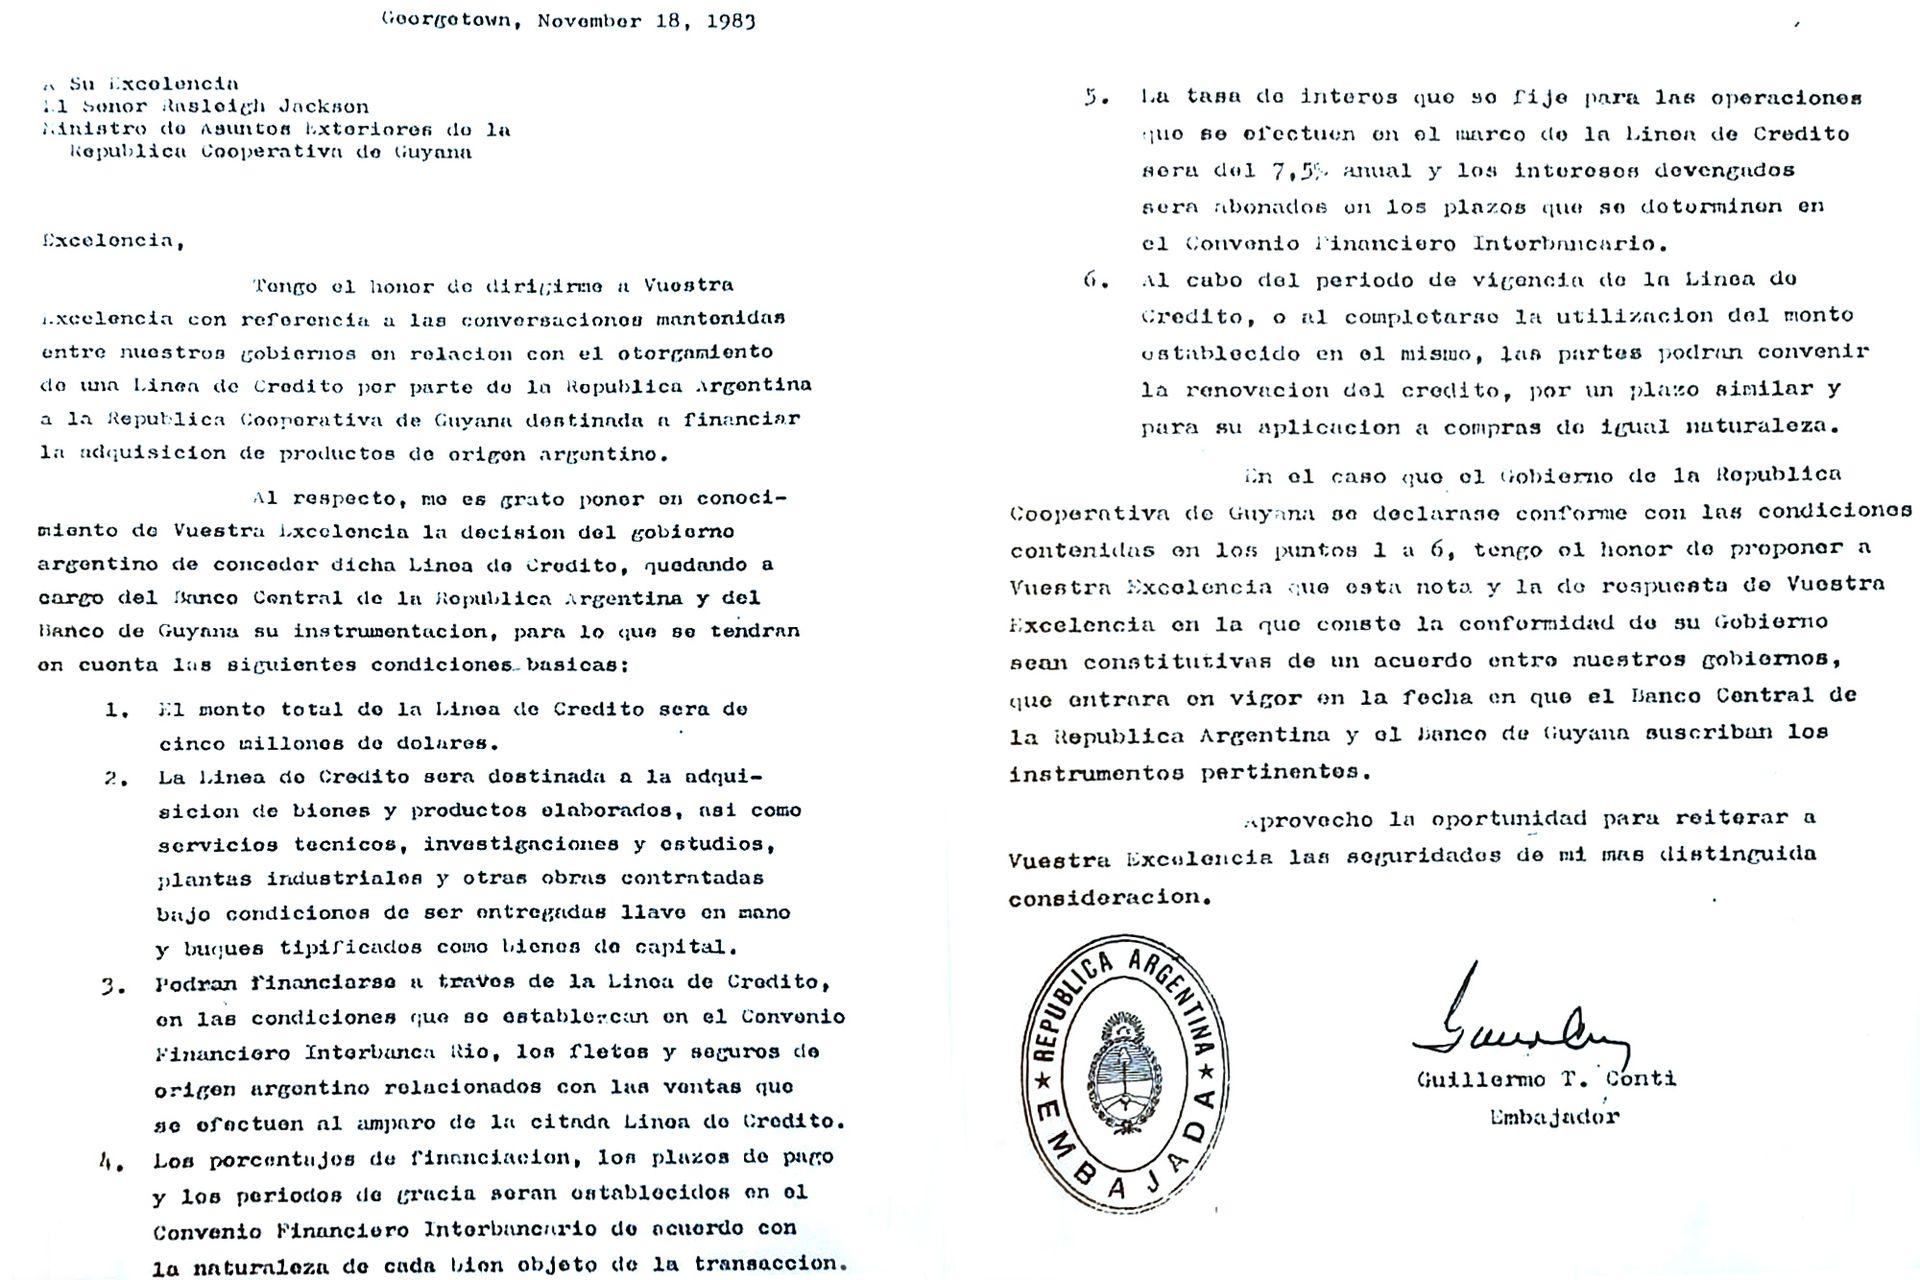 Facsímil de la nota que el embajador Guillermo Conti le envió el 18 de noviembre de 1983 a Rasleigh Jackson, ministro de Relaciones Exteriores de Guyana. Está fechada en Georgetown y ocurrió días antes de la llegada de Alfonsín.